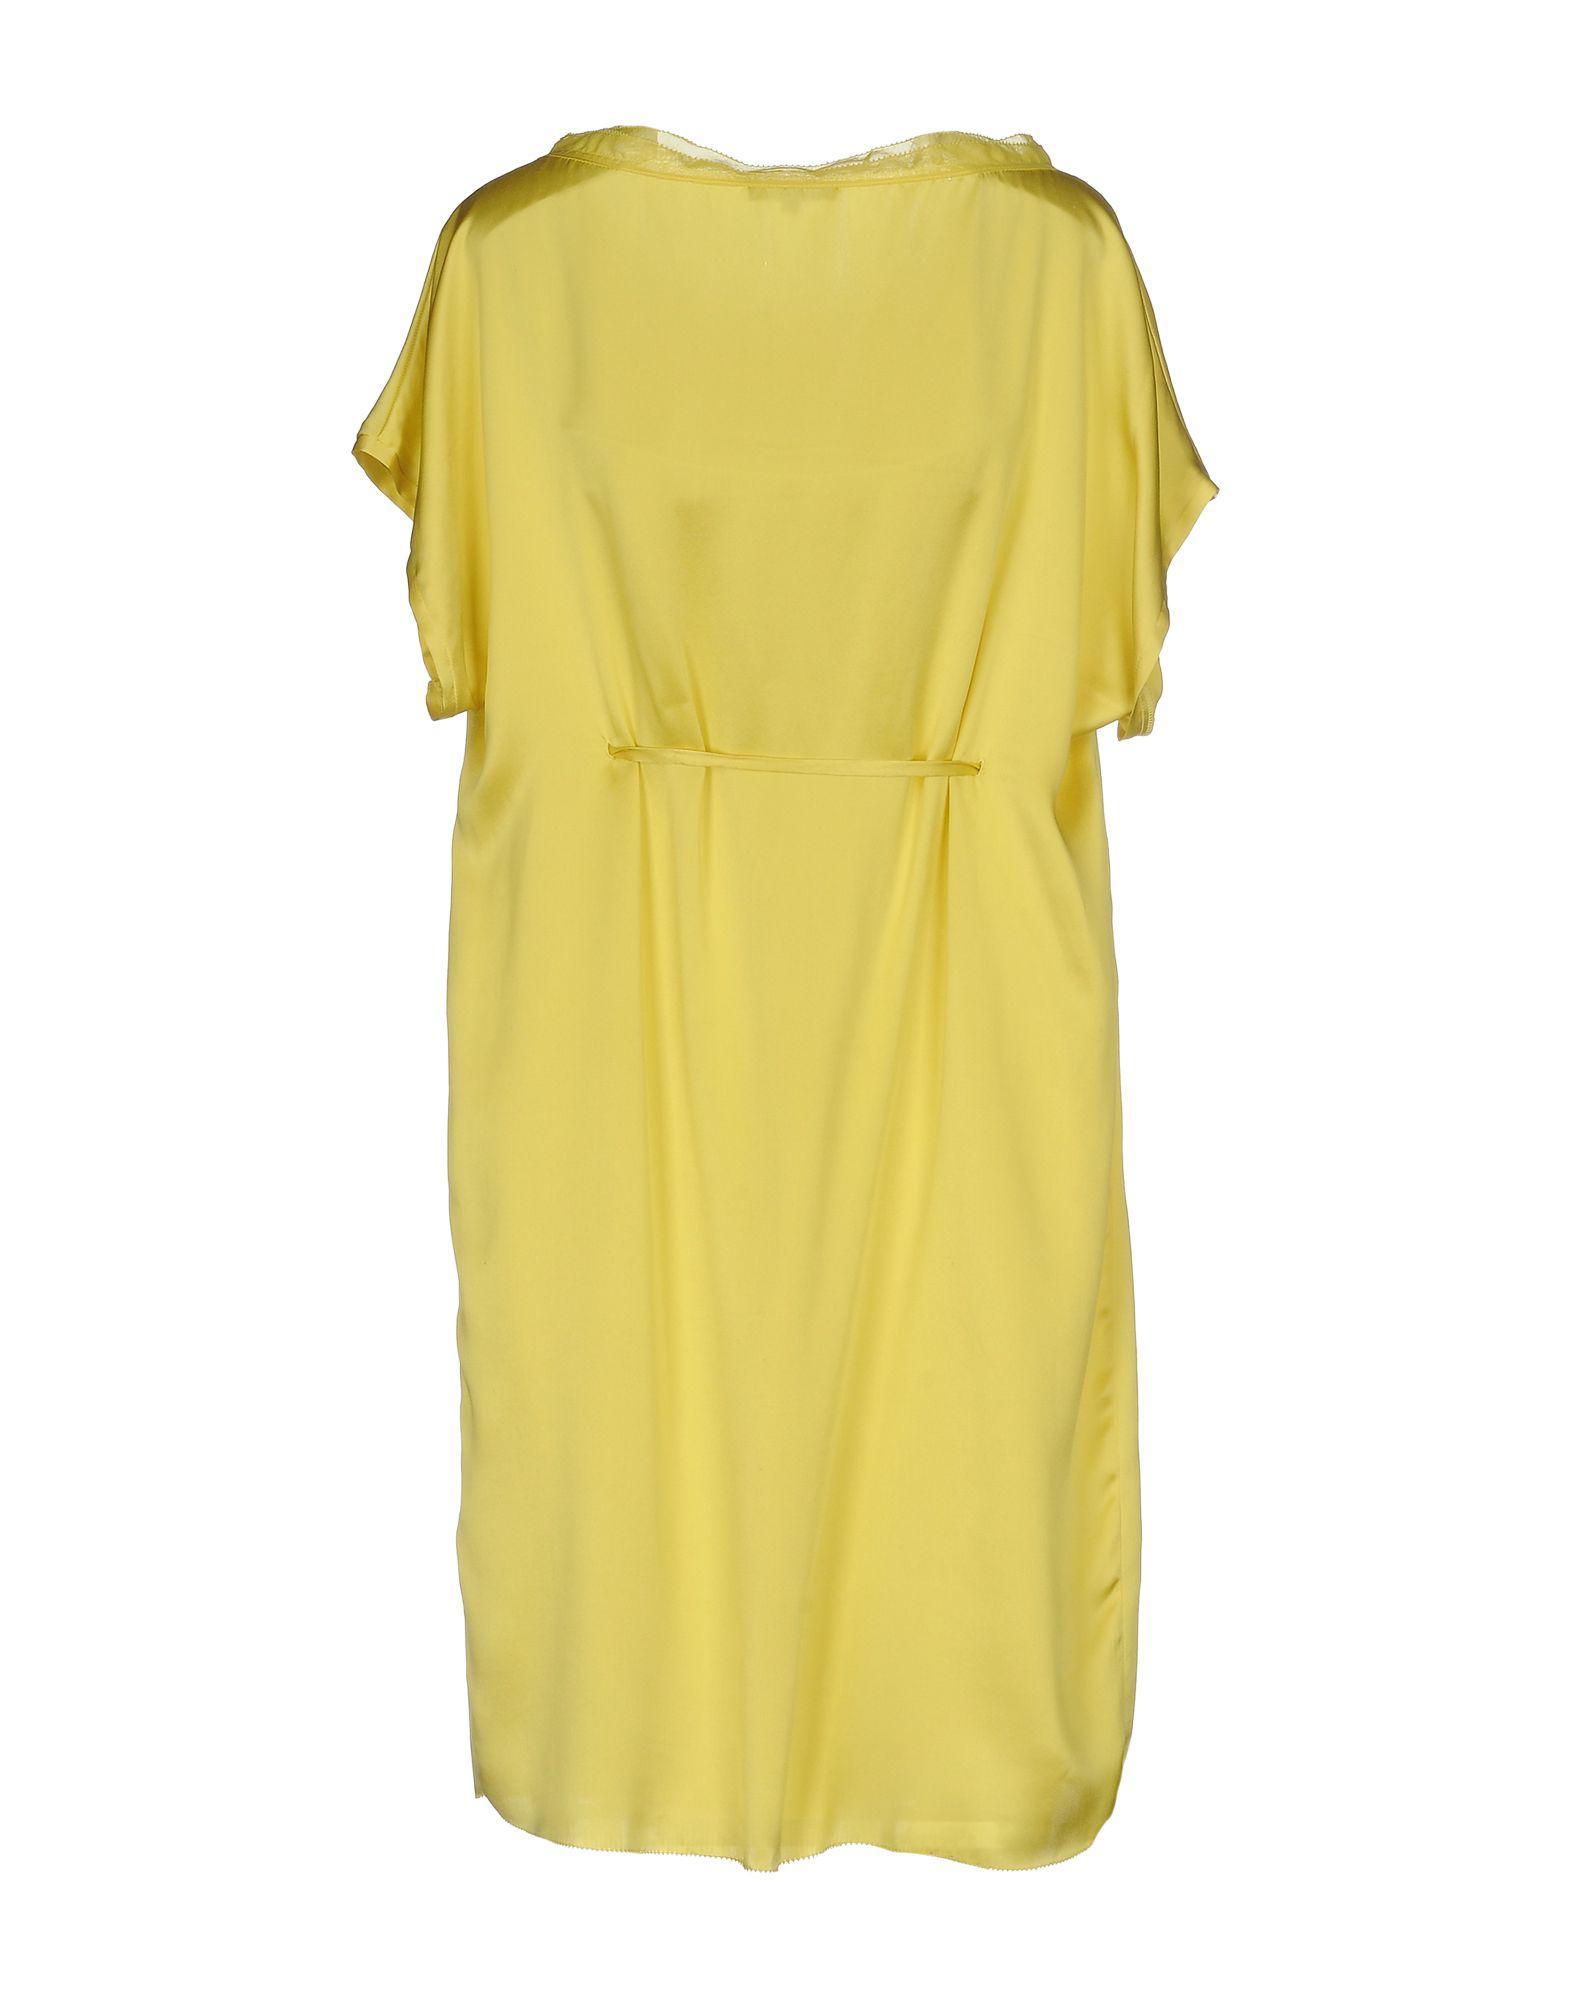 Robes - Courtes Robes De Soie Et Soie 2PVIit5